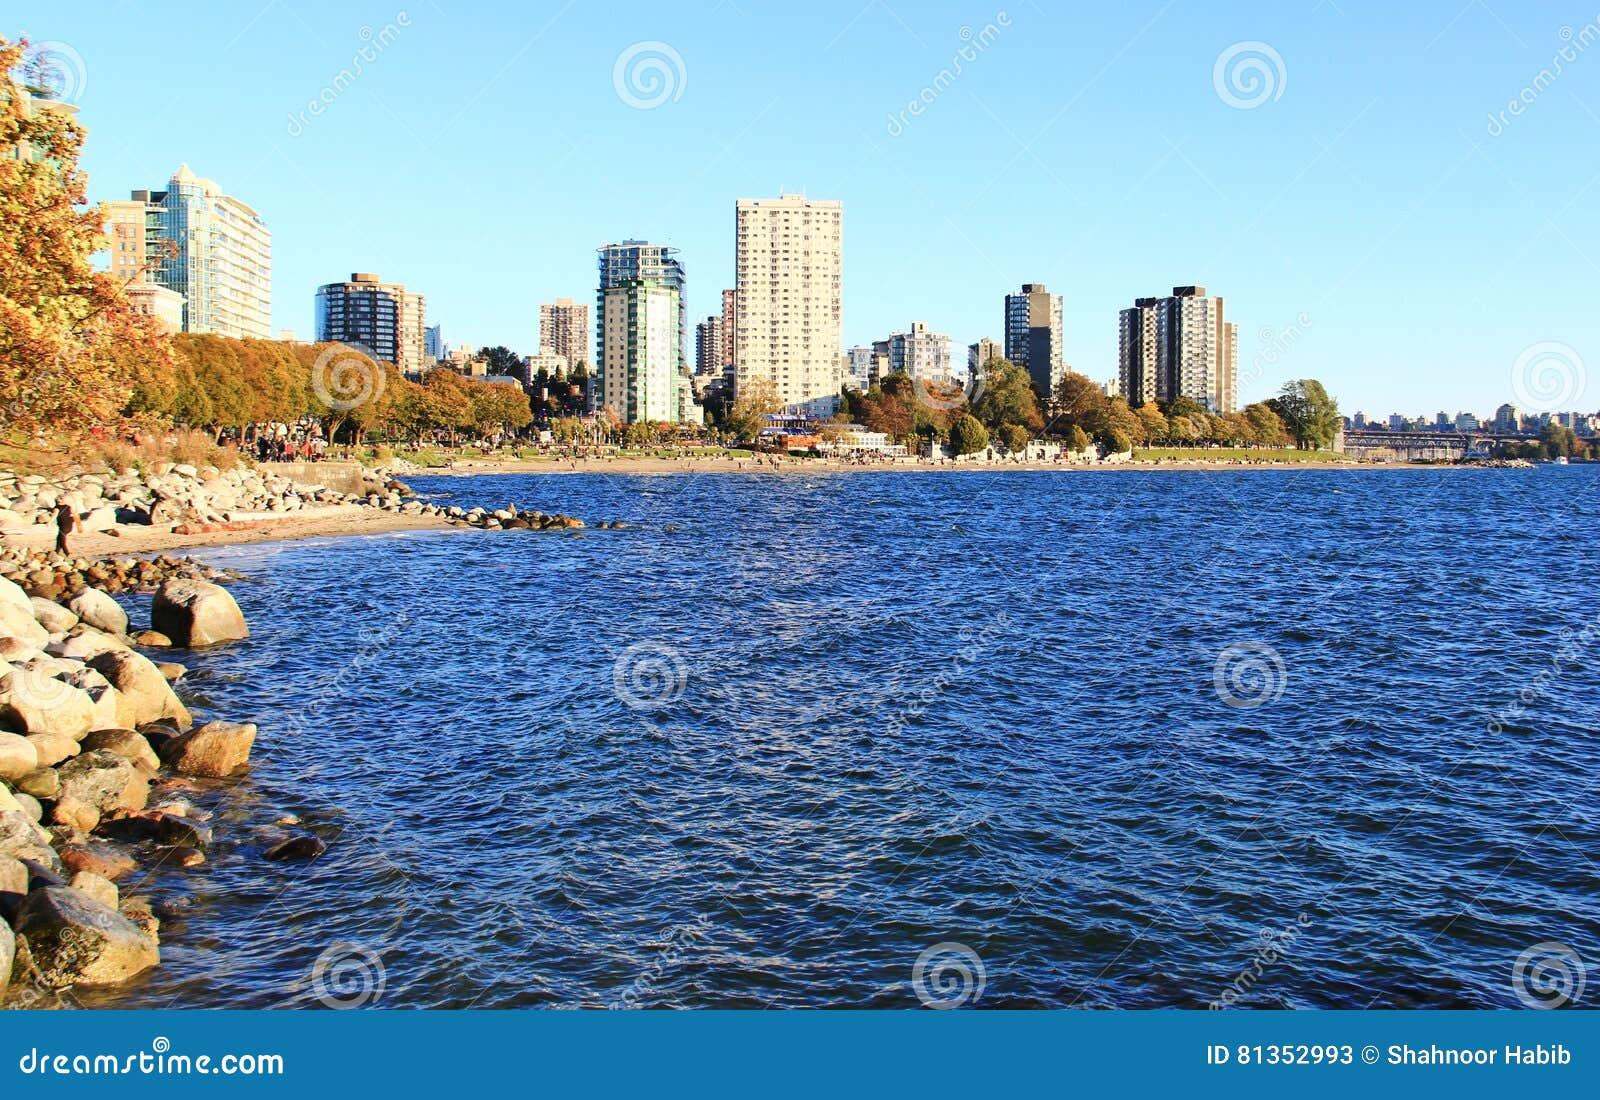 Océano Pacífico de la bahía inglesa, Vancouver céntrica, Columbia Británica